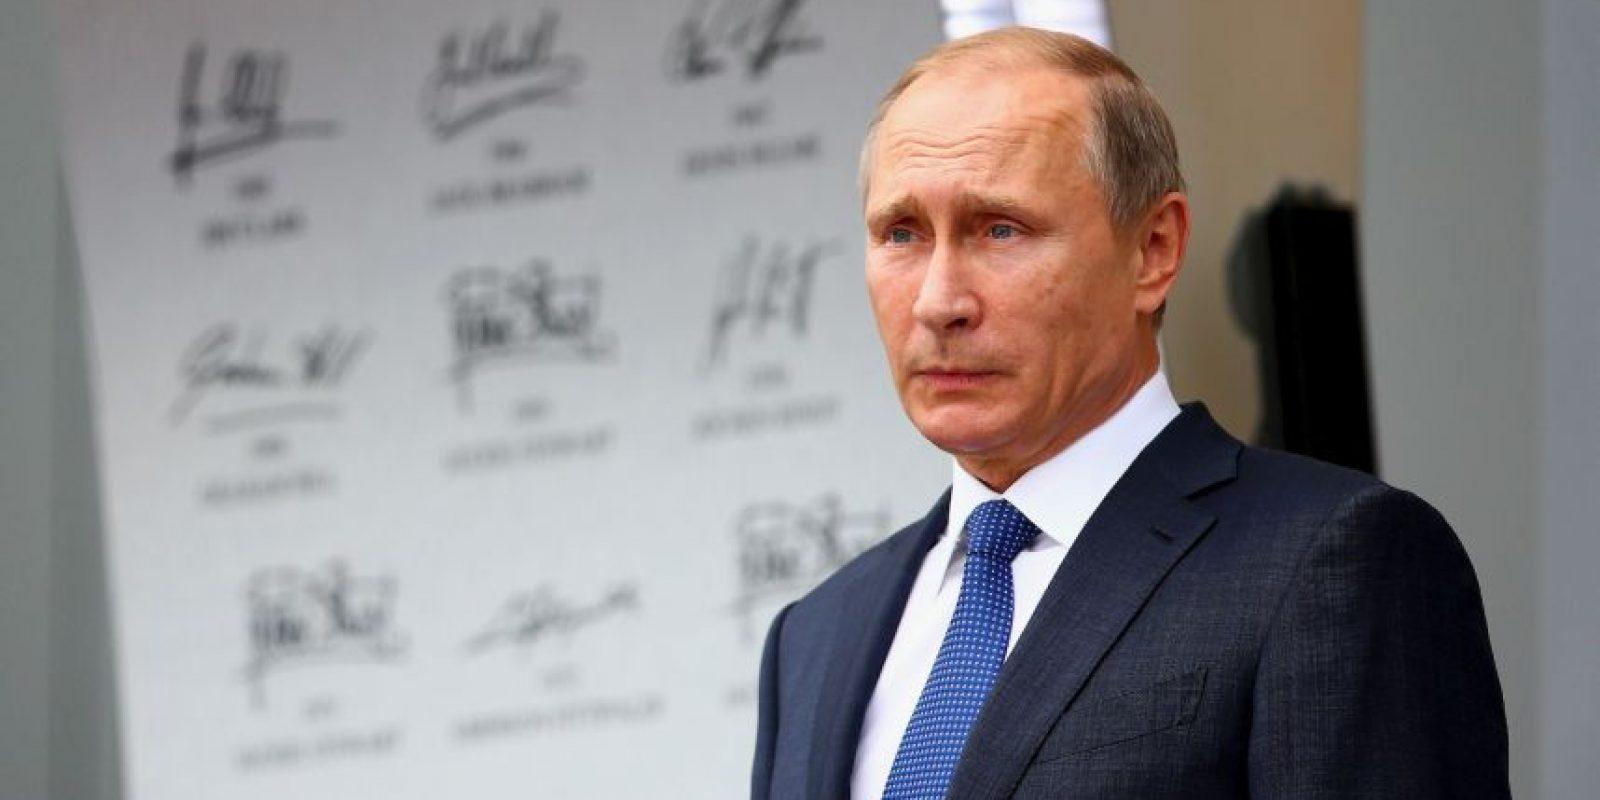 En 2014 Vladimir Putin declaró estar enamorado sin confirmar de quien. Algunos medios señalaron que se podría tratar de la exgimnasta Alina Kabaieva, pero hasta ahora no se le ha podido comprobar nada. Foto:Getty Images